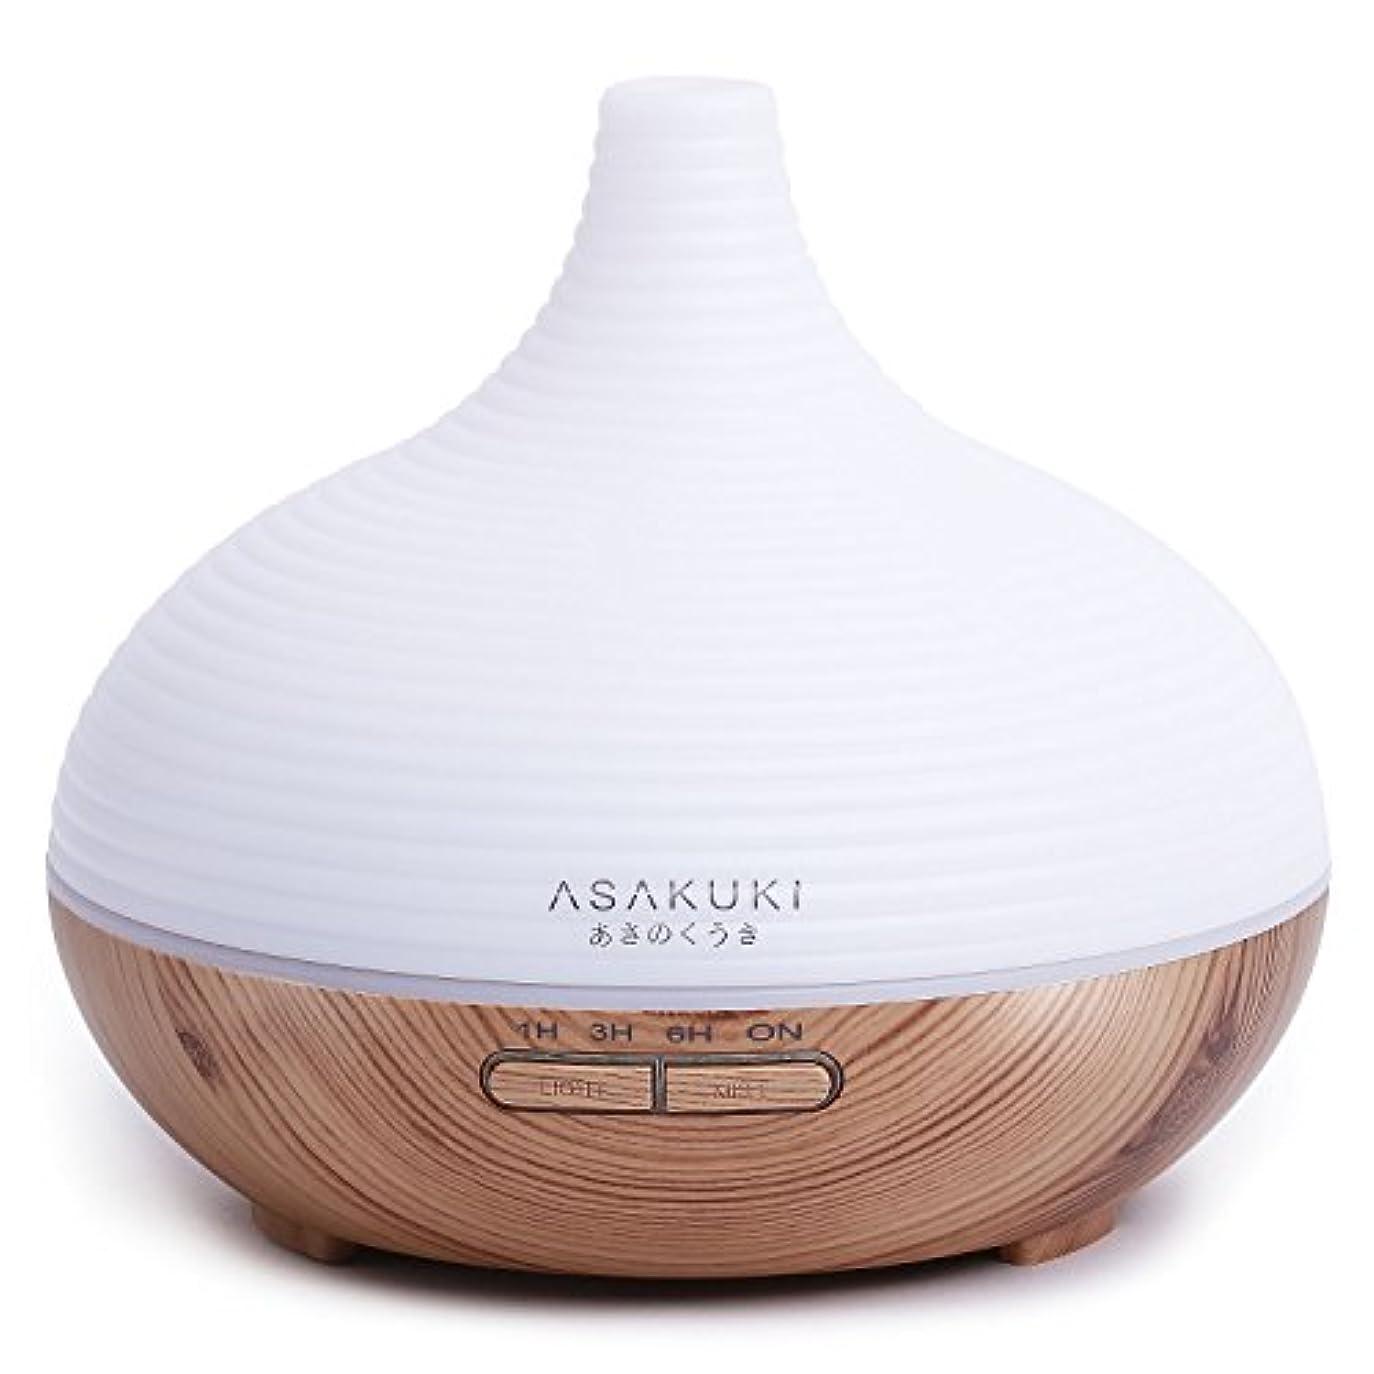 気まぐれな属性マングルasakuki 300 mlプレミアム、Essential Oil Diffuser、静かな5 - in - 1加湿器、自然Home Fragrance Diffuser with 7 LEDの色変更ライトと簡単にクリーン...